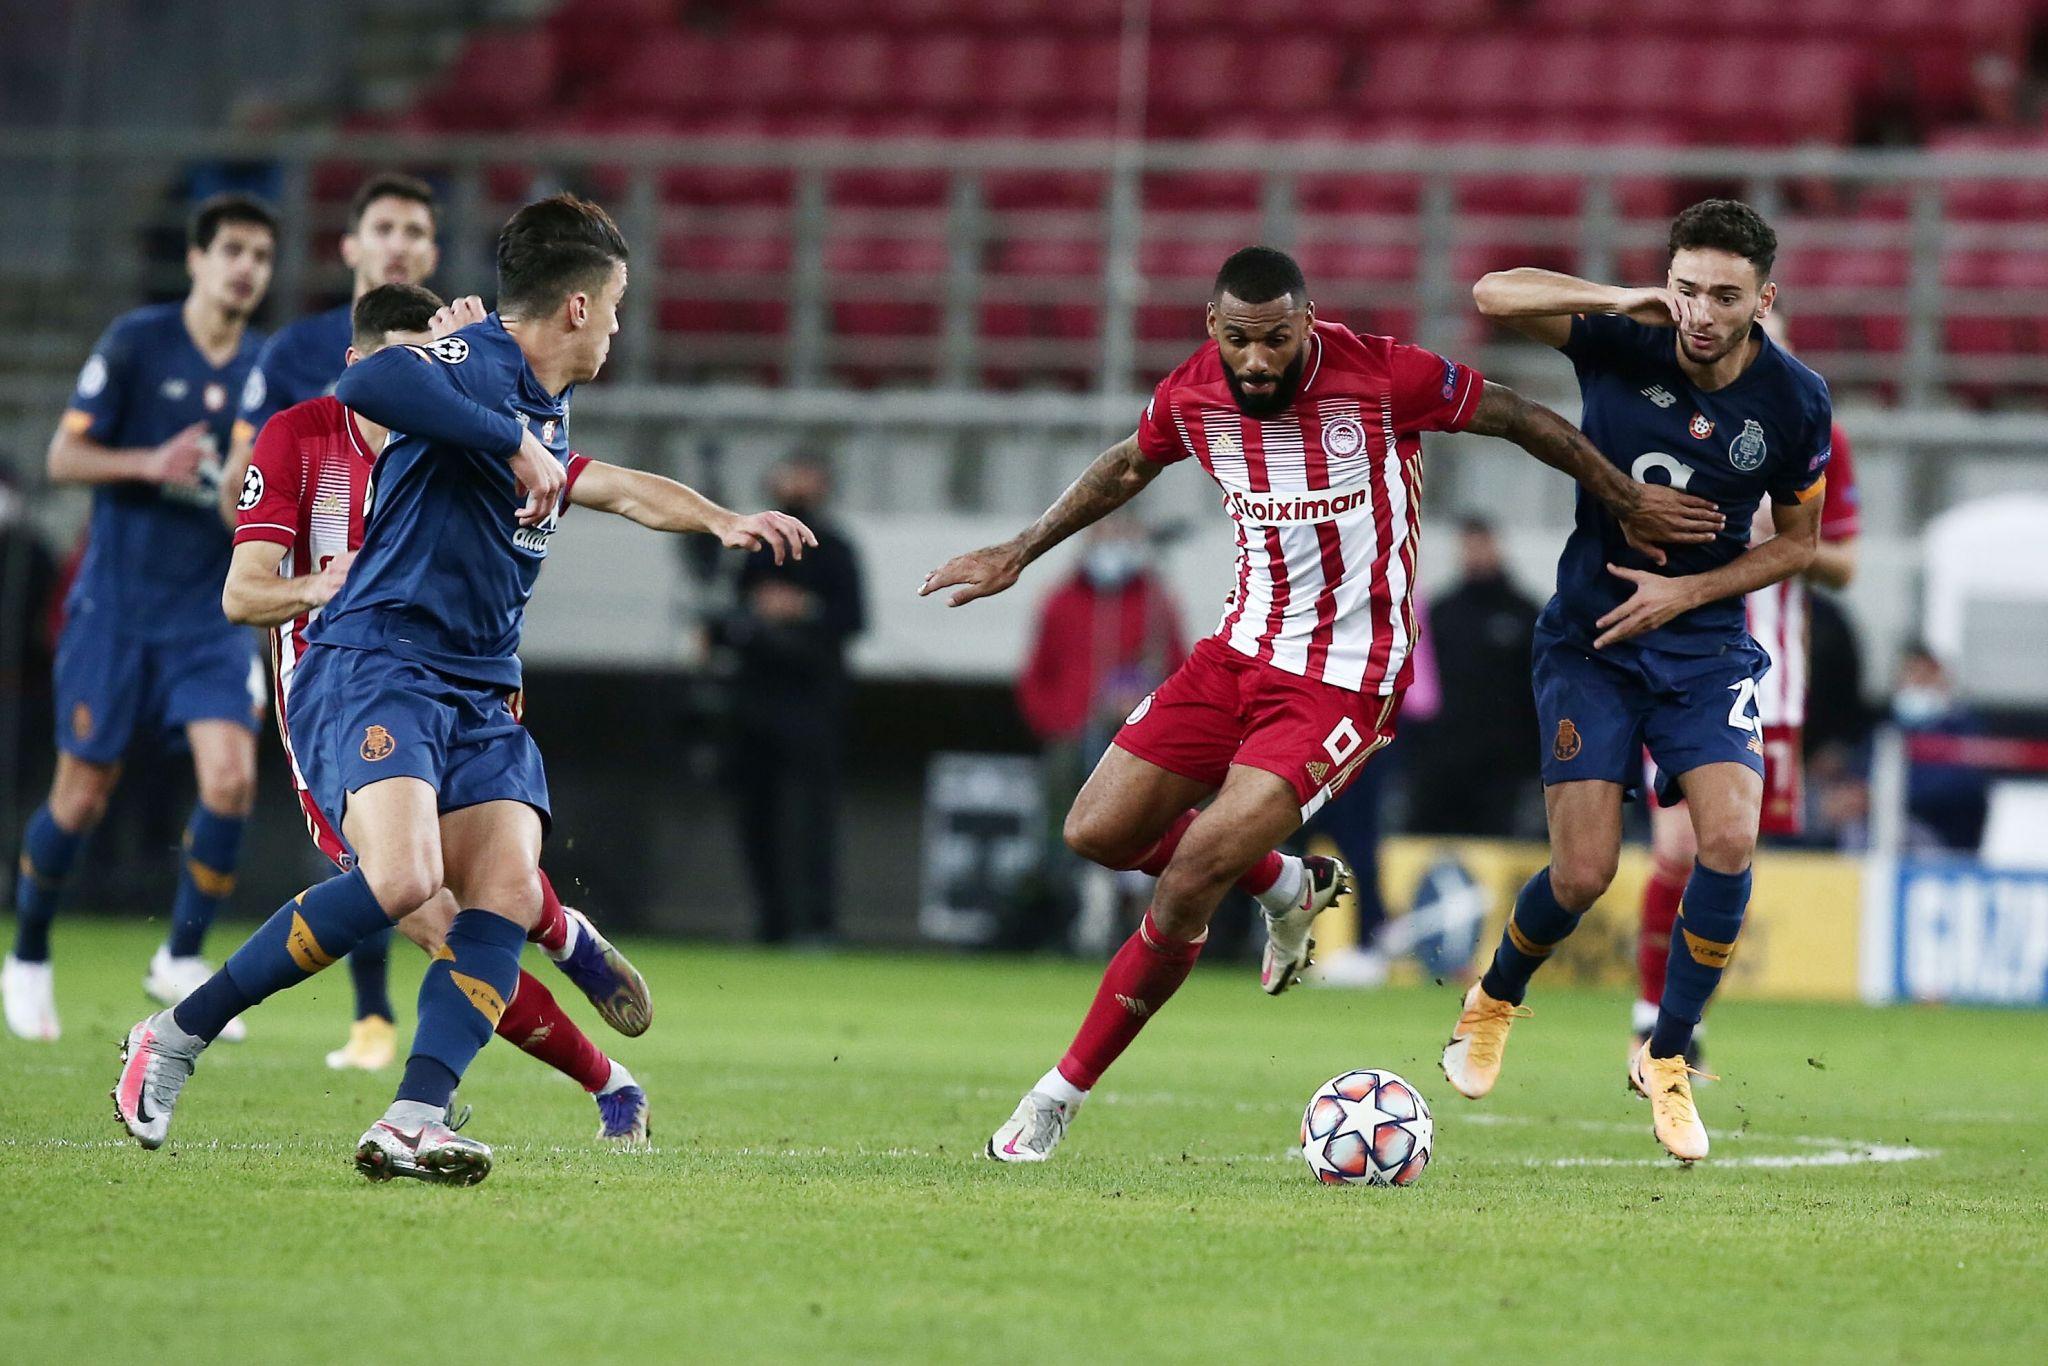 L'Olympiacos qualifié pour la Ligue Europa